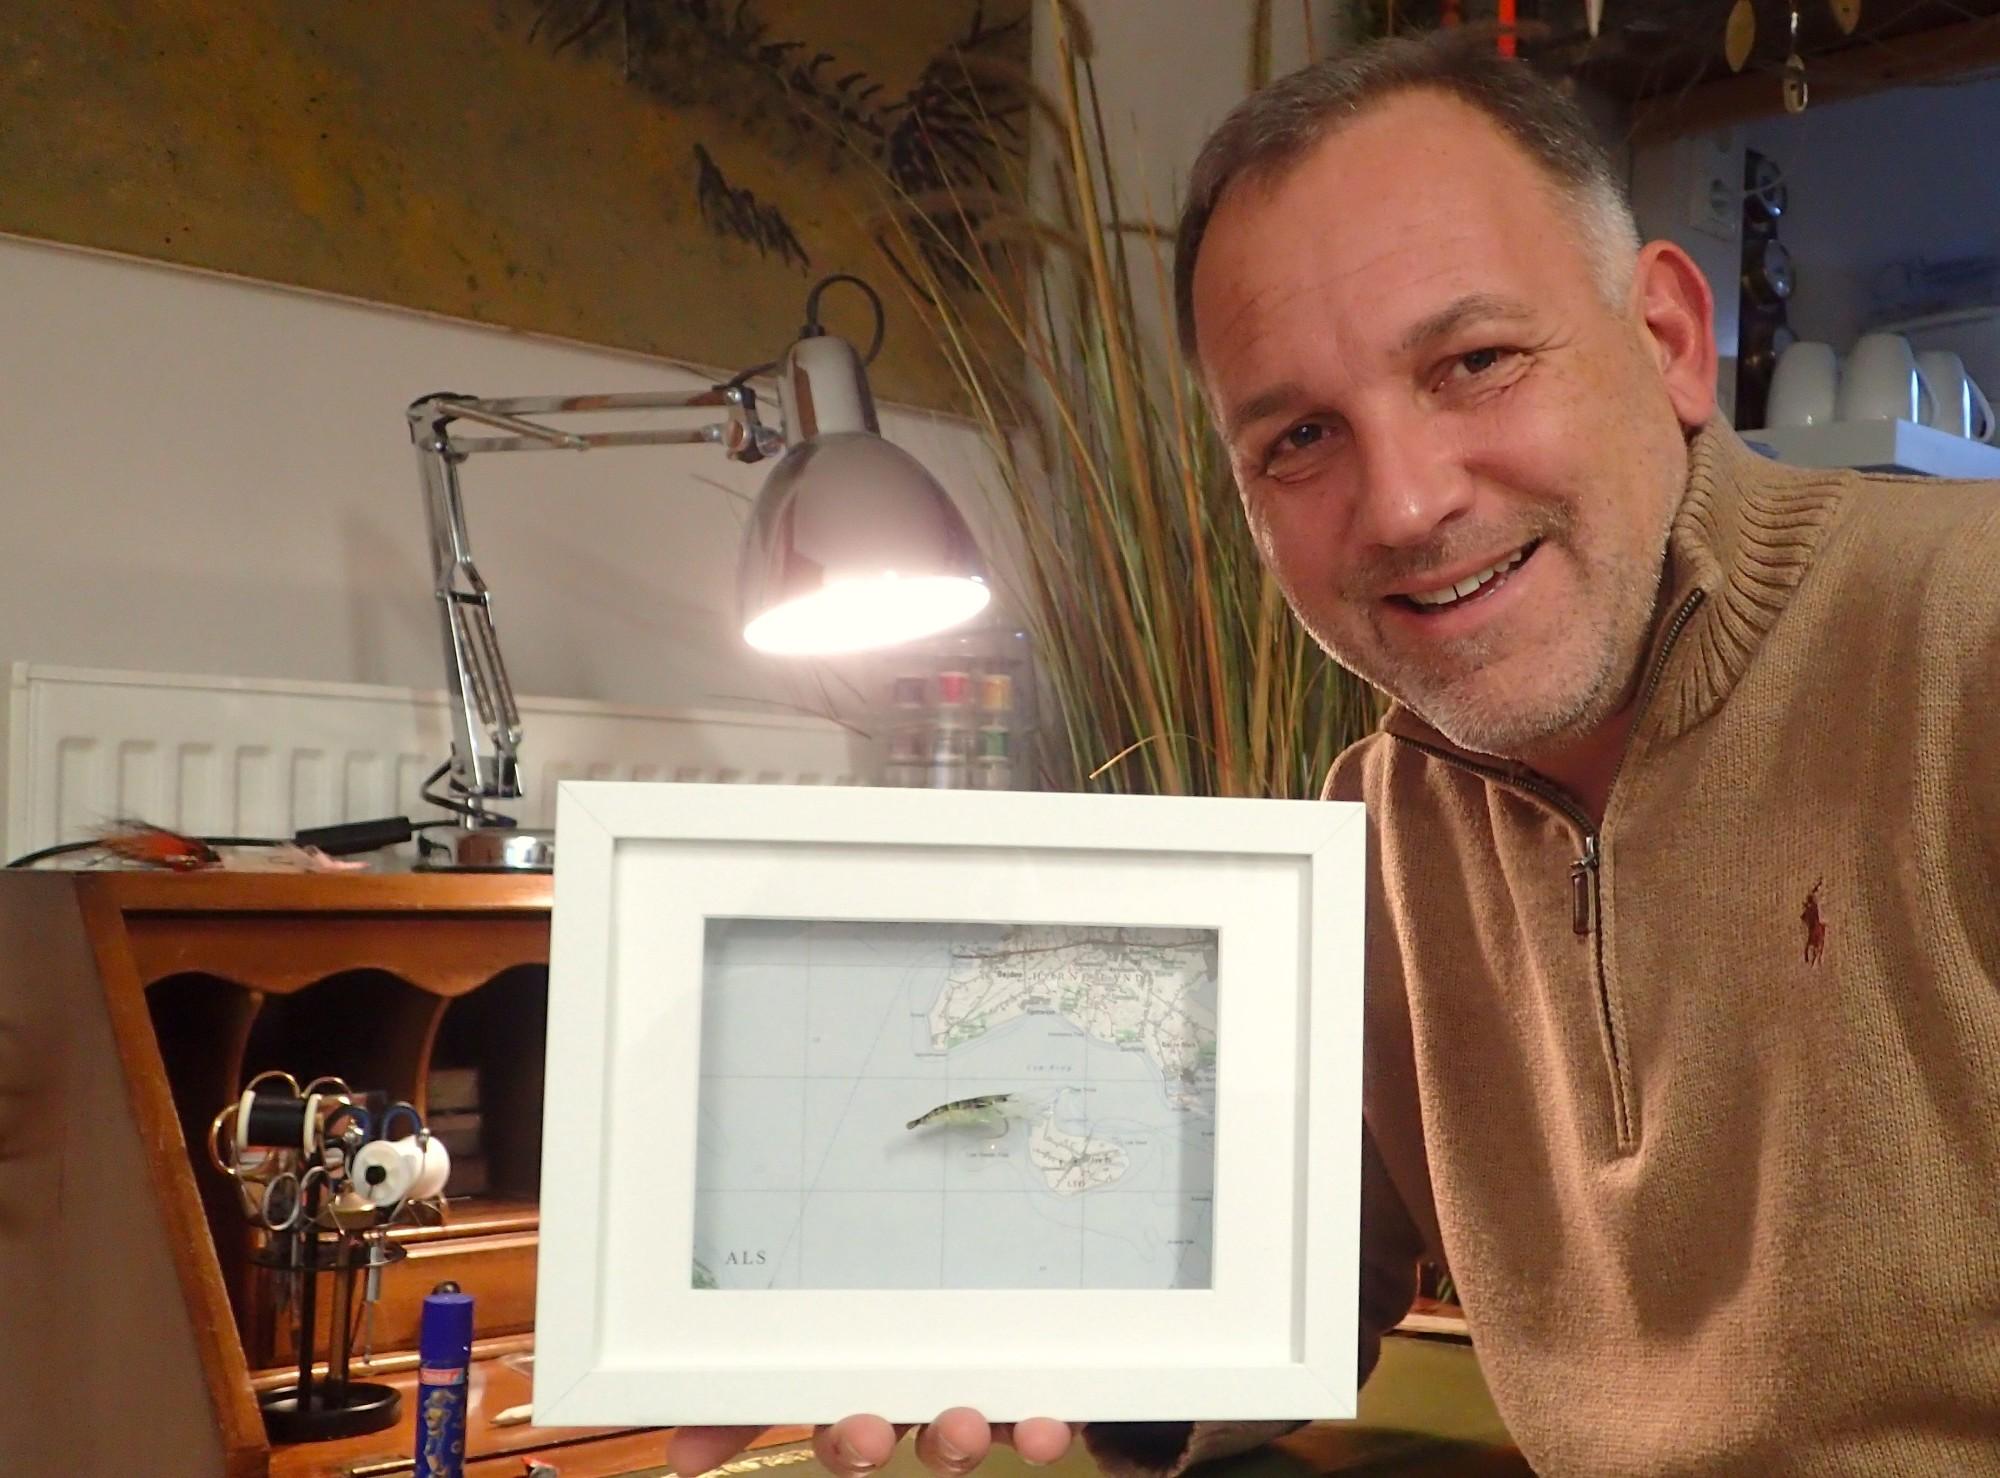 Kodys Shrimp im Rahmen. Michael Werner hat die Fliege für Sie in Szene gesetzt, ersteigern können Sie den Rahmen mit der Originalfliege zugunsten der Auktion für krebskranke Kinder.